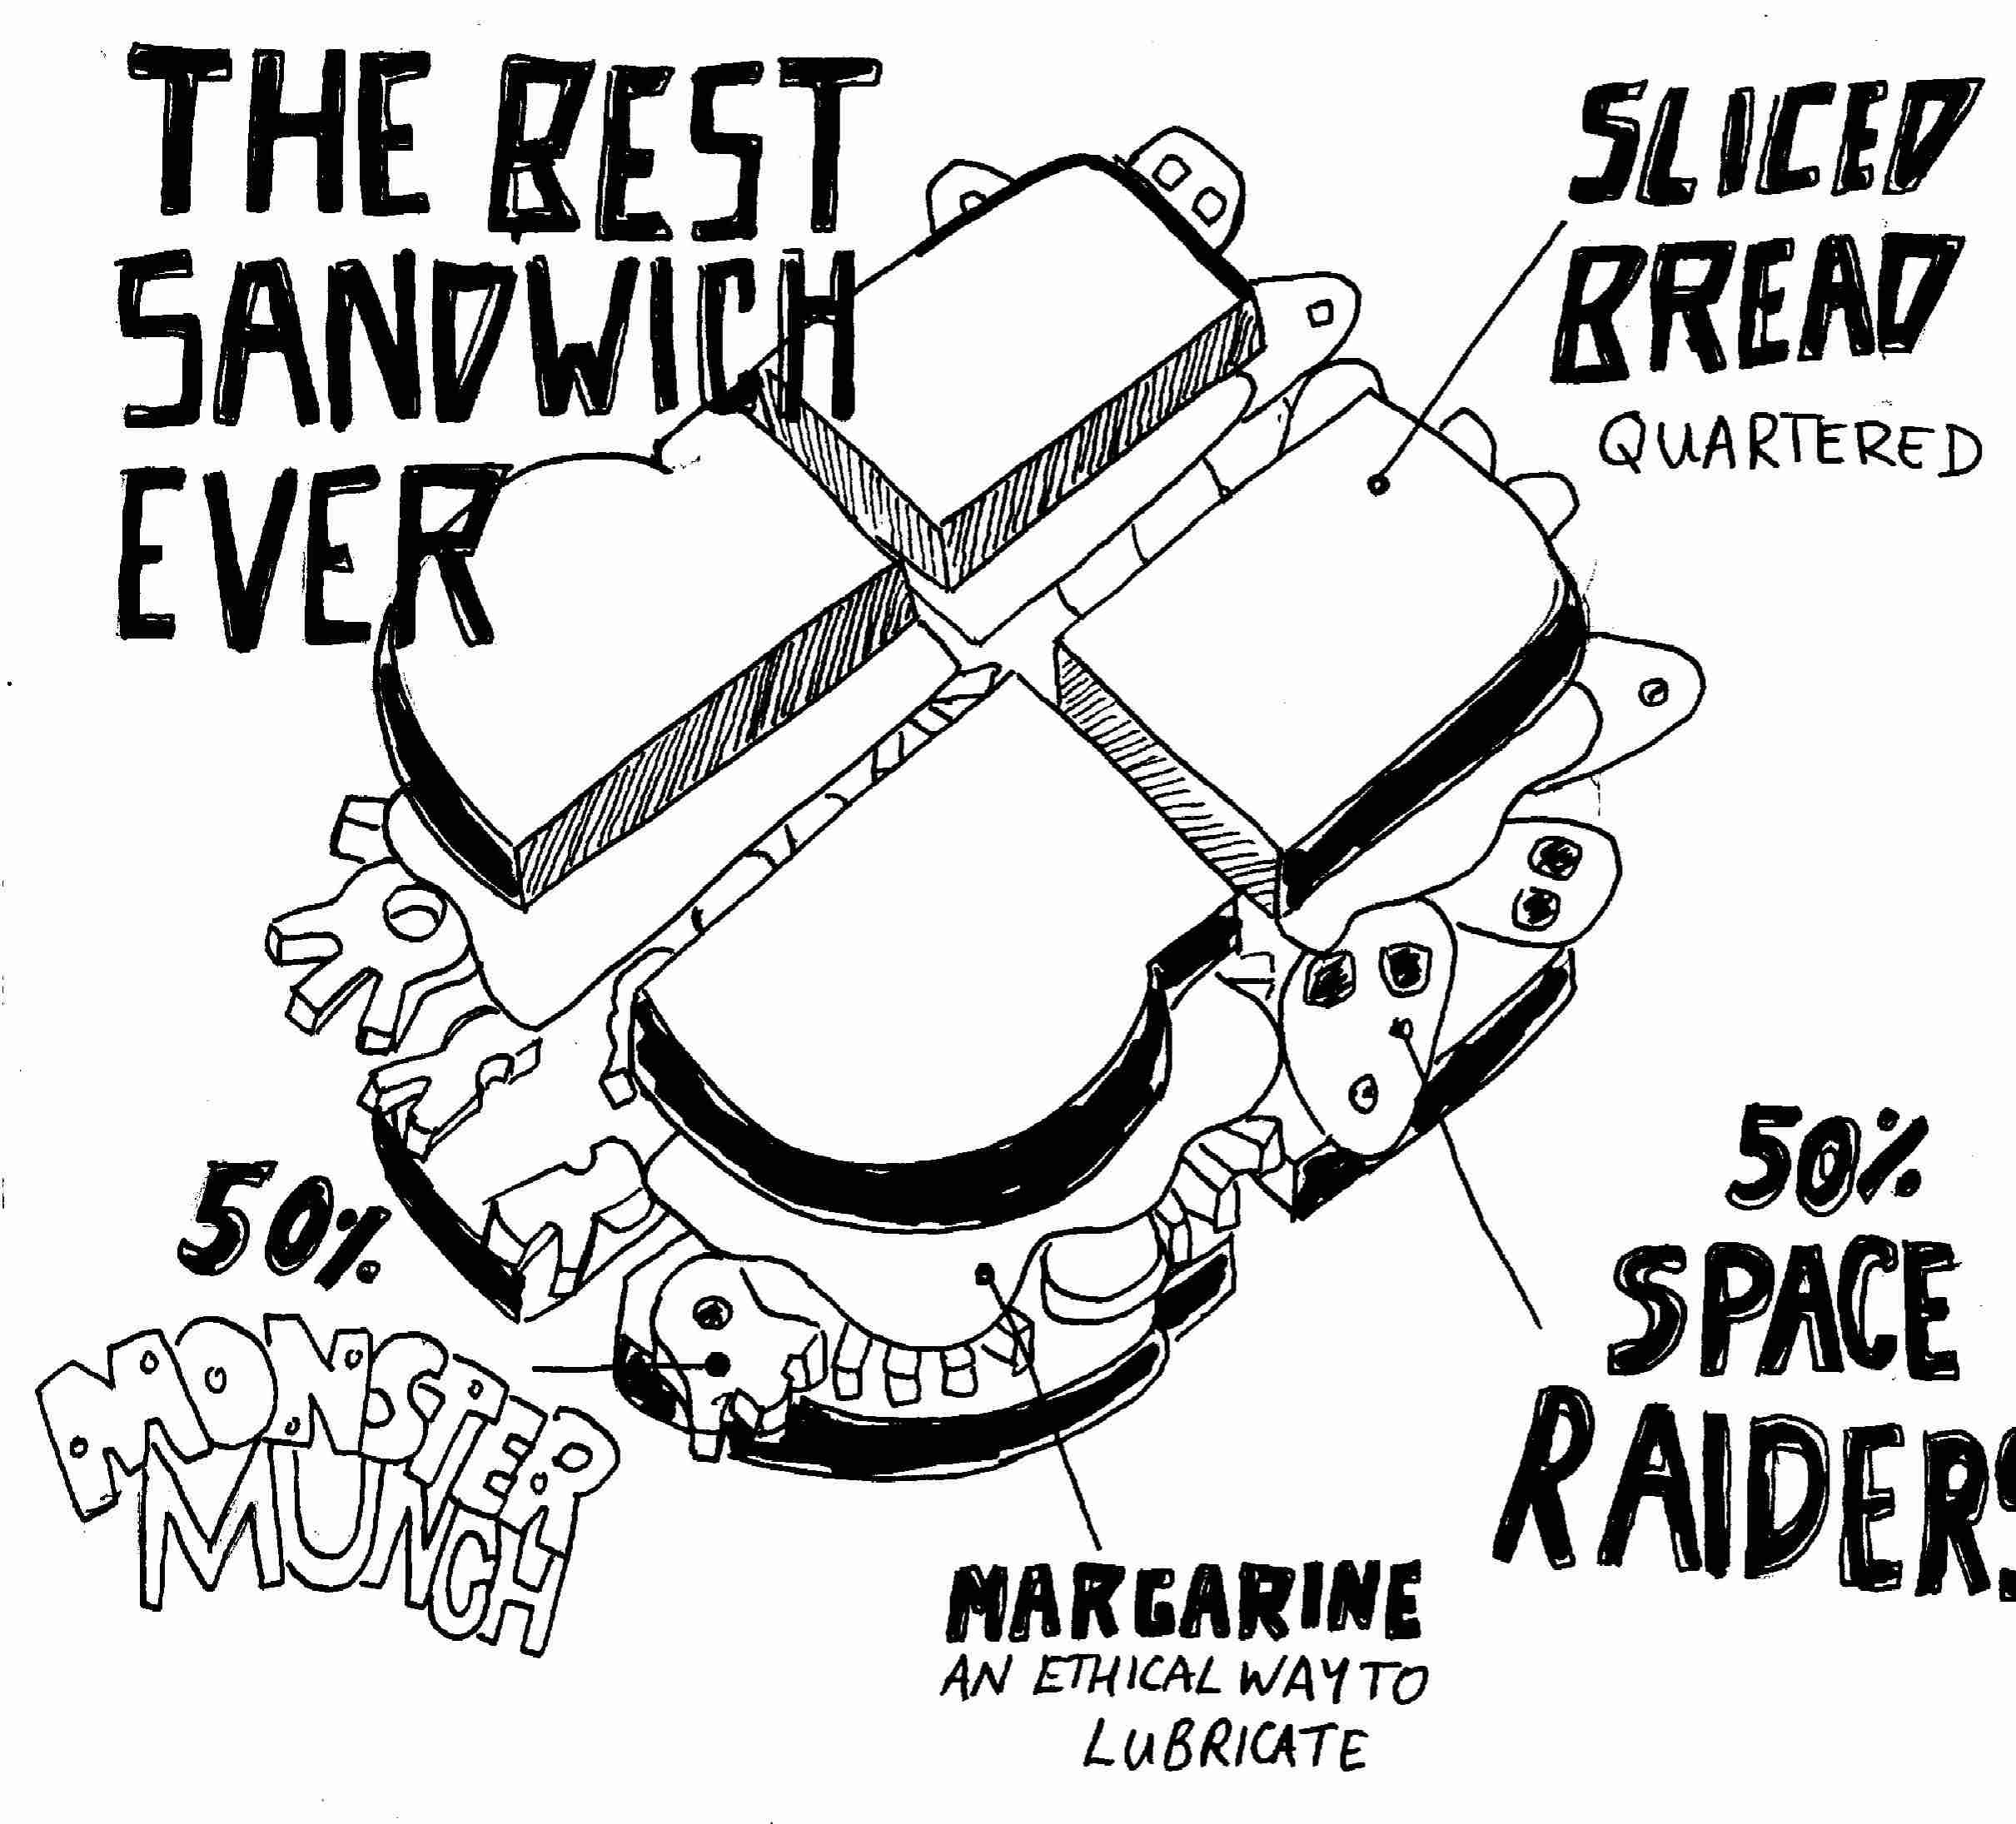 best_sandwich